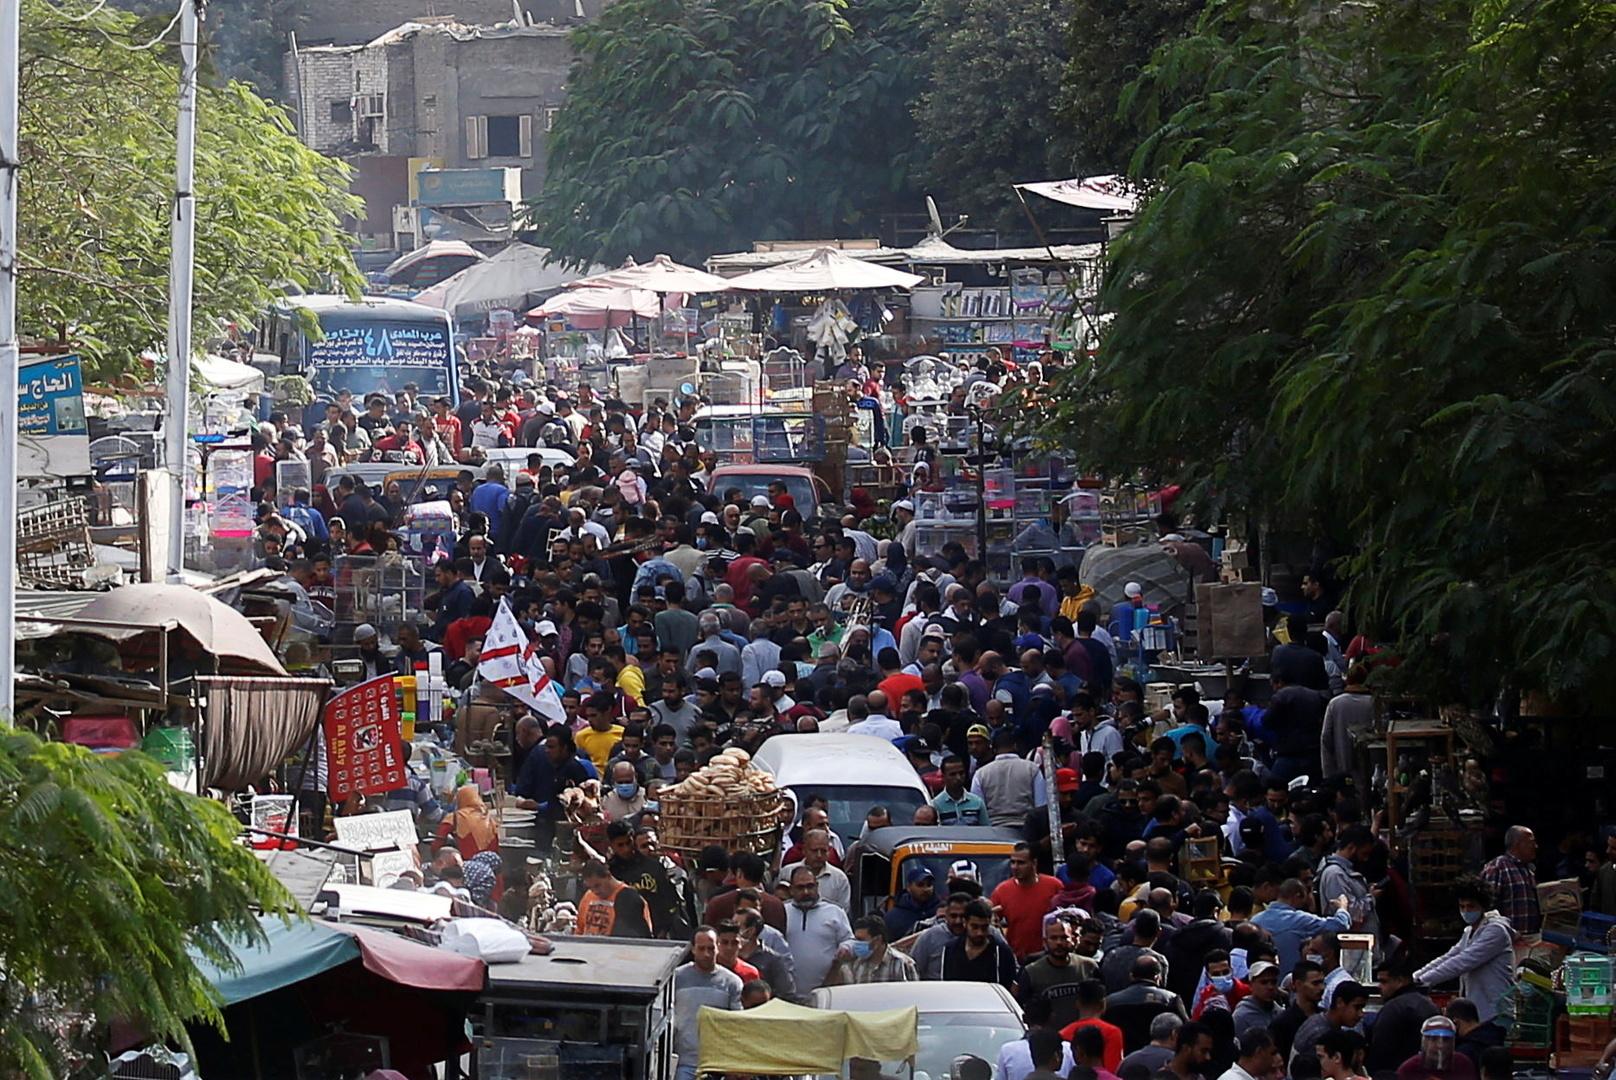 مصر.. دار الإفتاء تعطي الضوء الأخضر للحكومة لتحديد النسل باستخدام كافة الوسائل